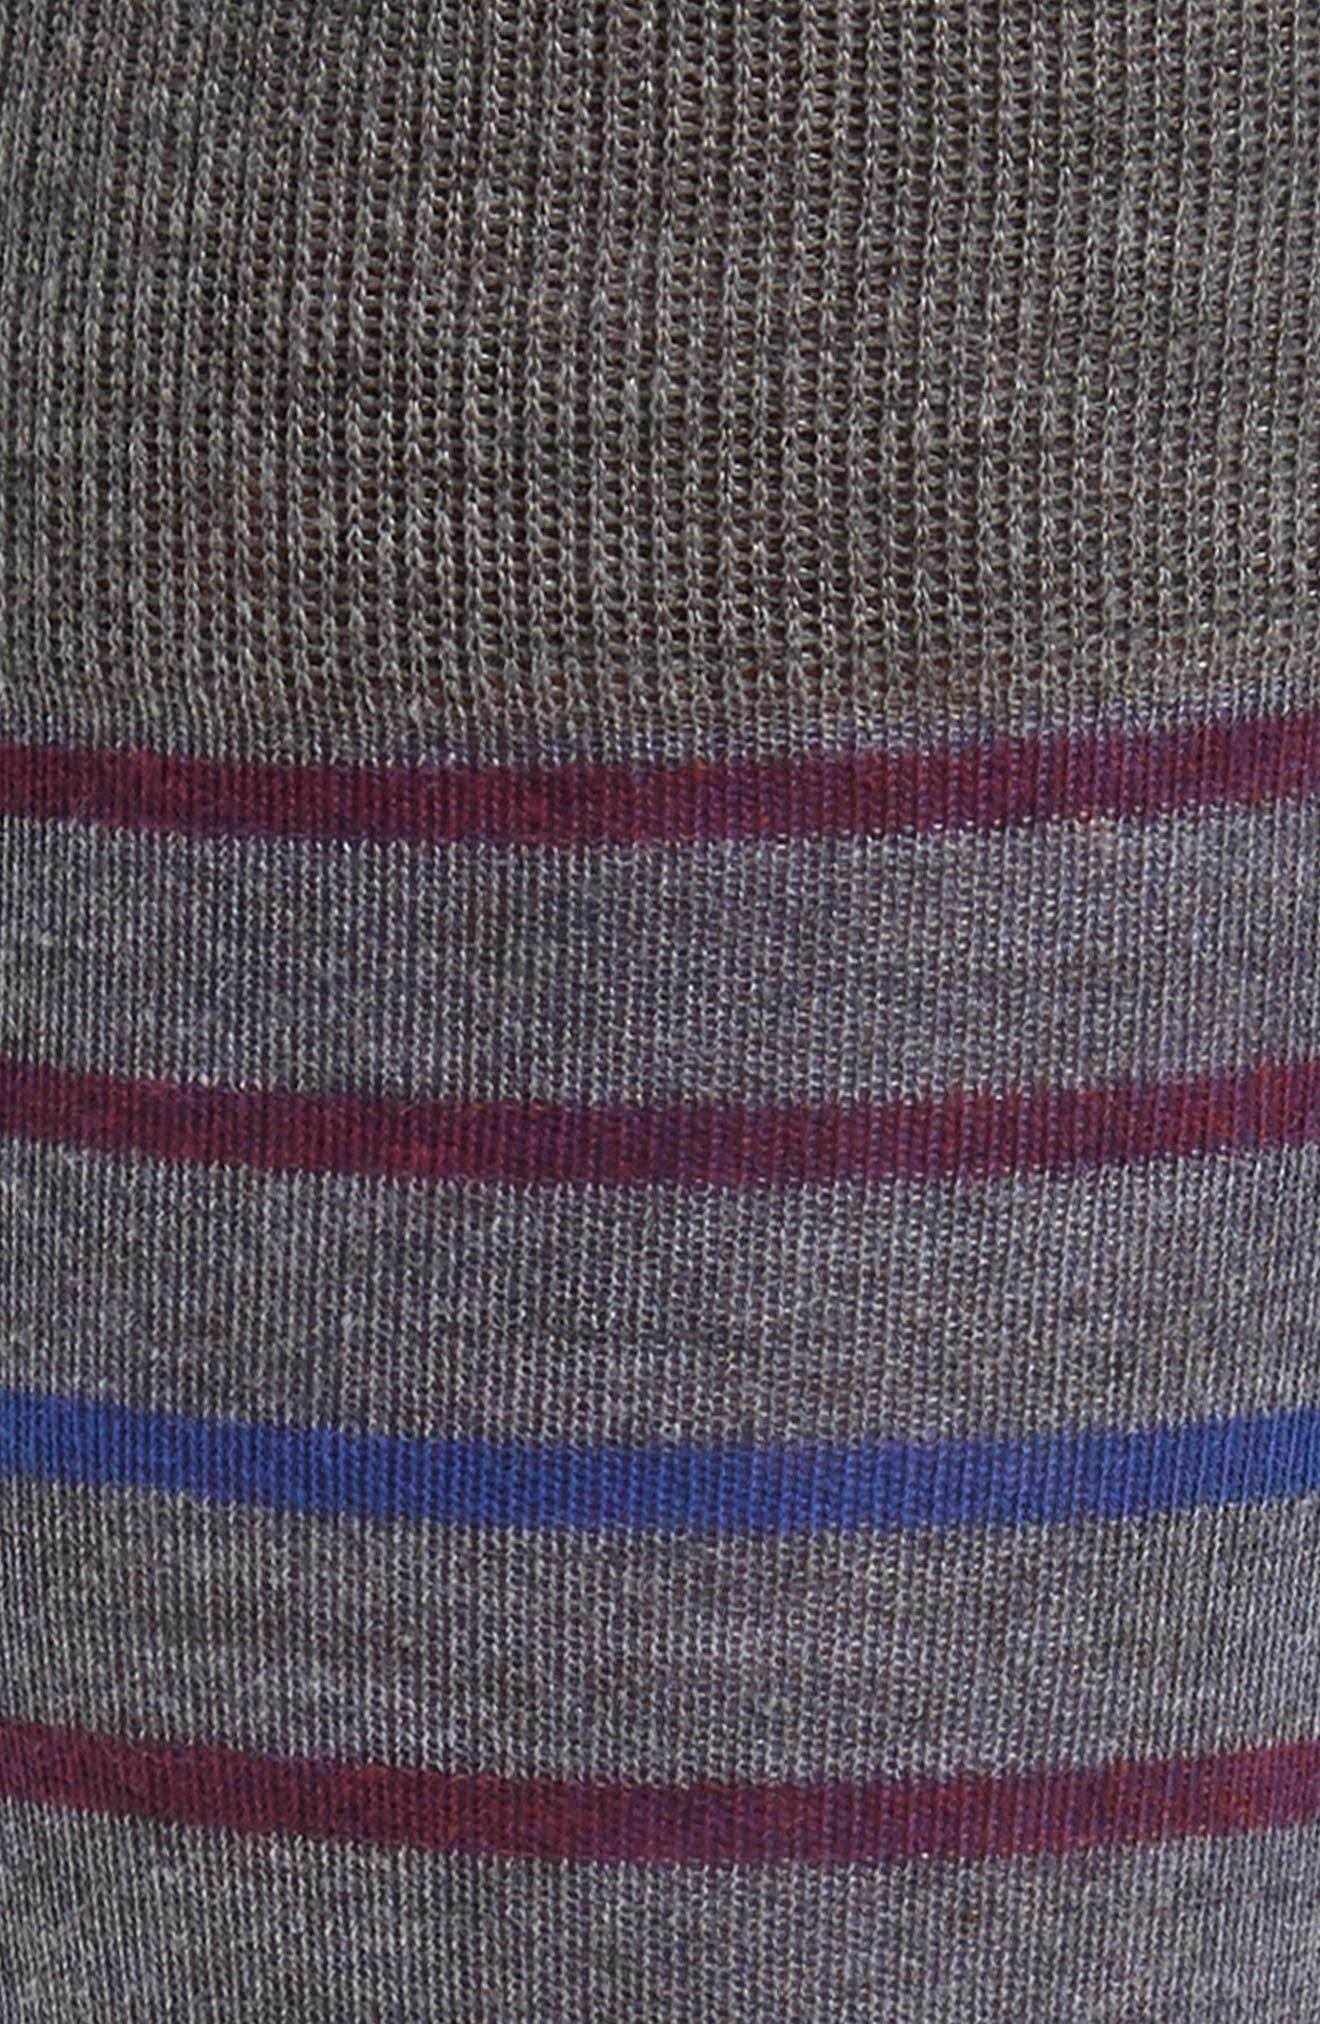 Stripe Socks,                             Alternate thumbnail 2, color,                             Blue Surf